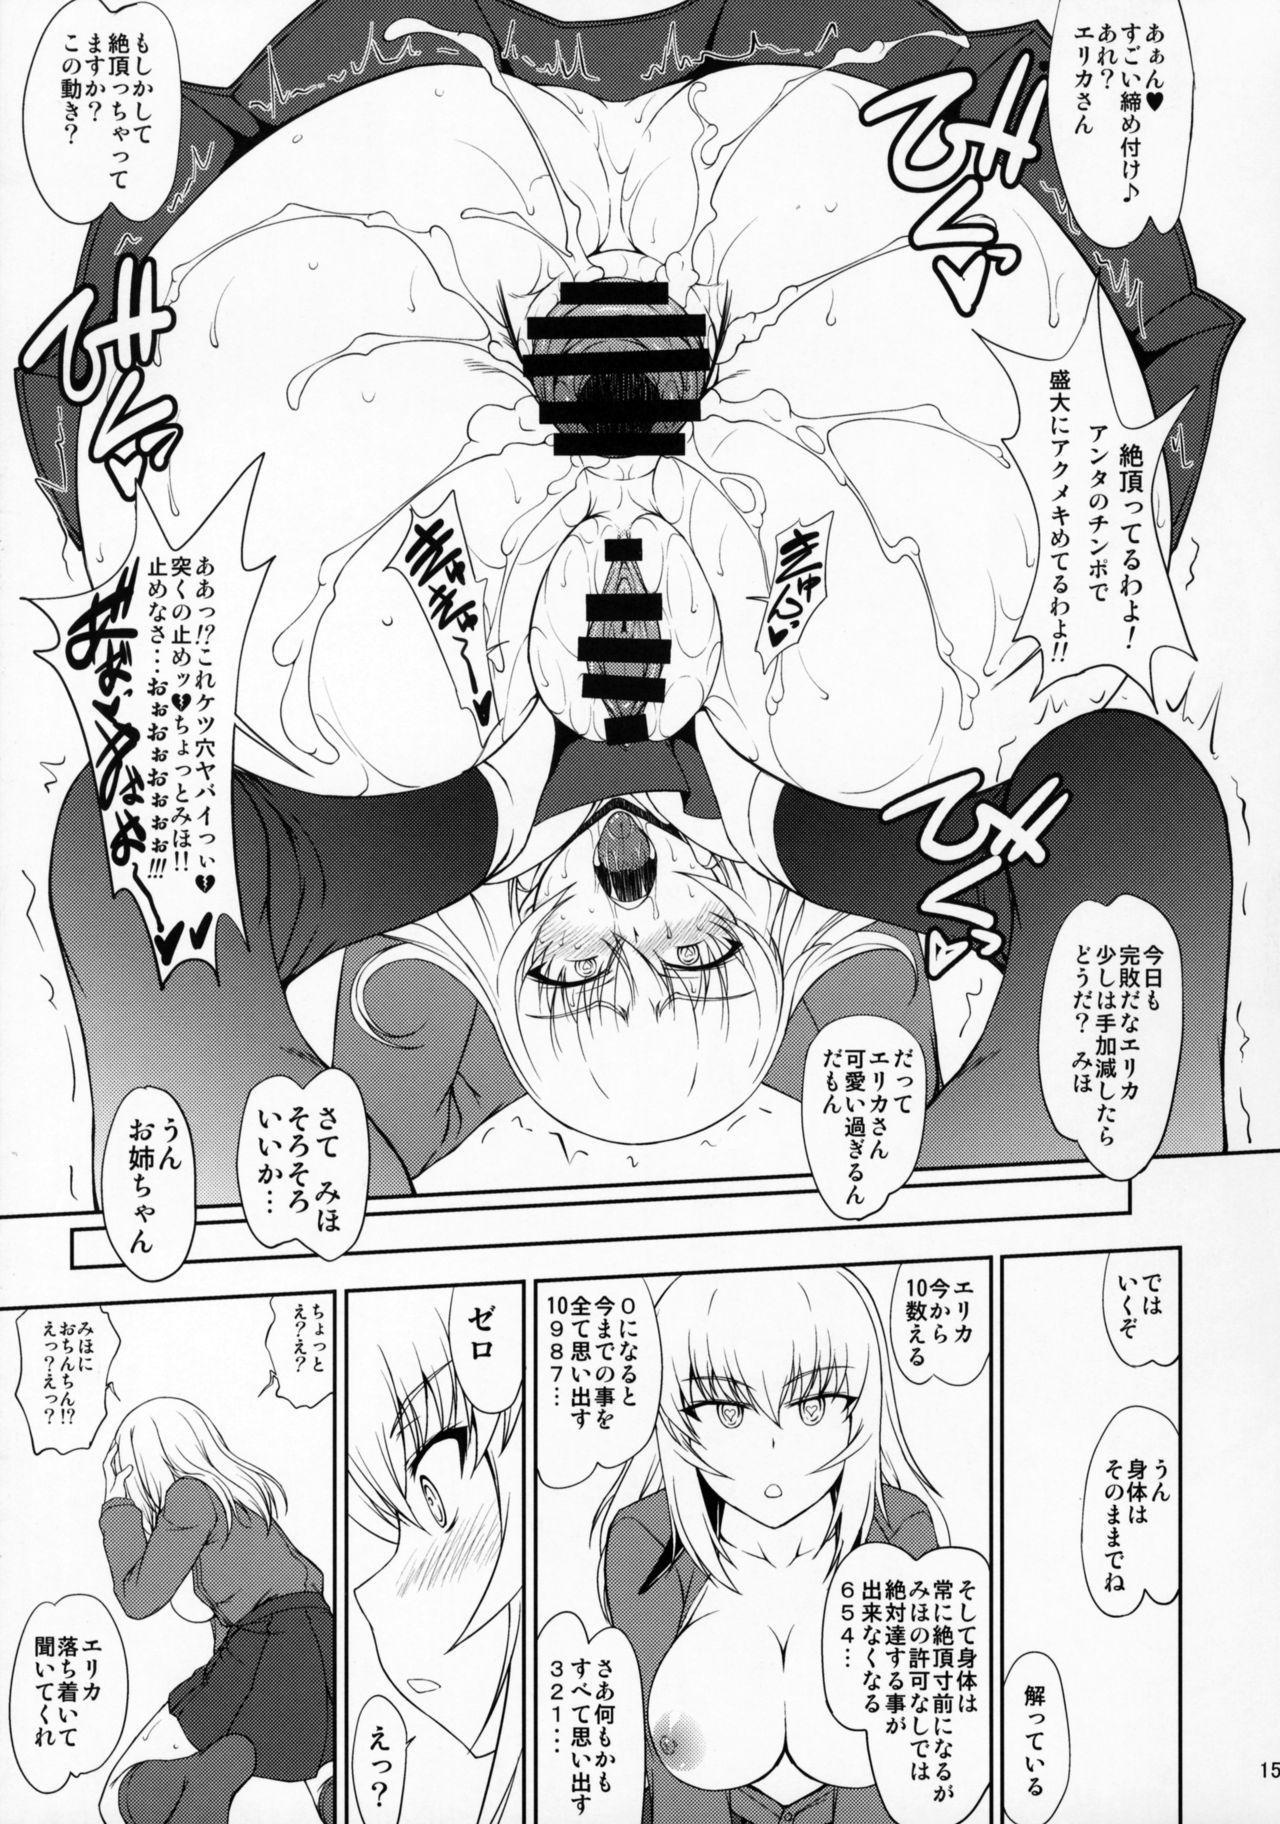 Maware! Amaki Sasayaki No Mugen Kidou 13